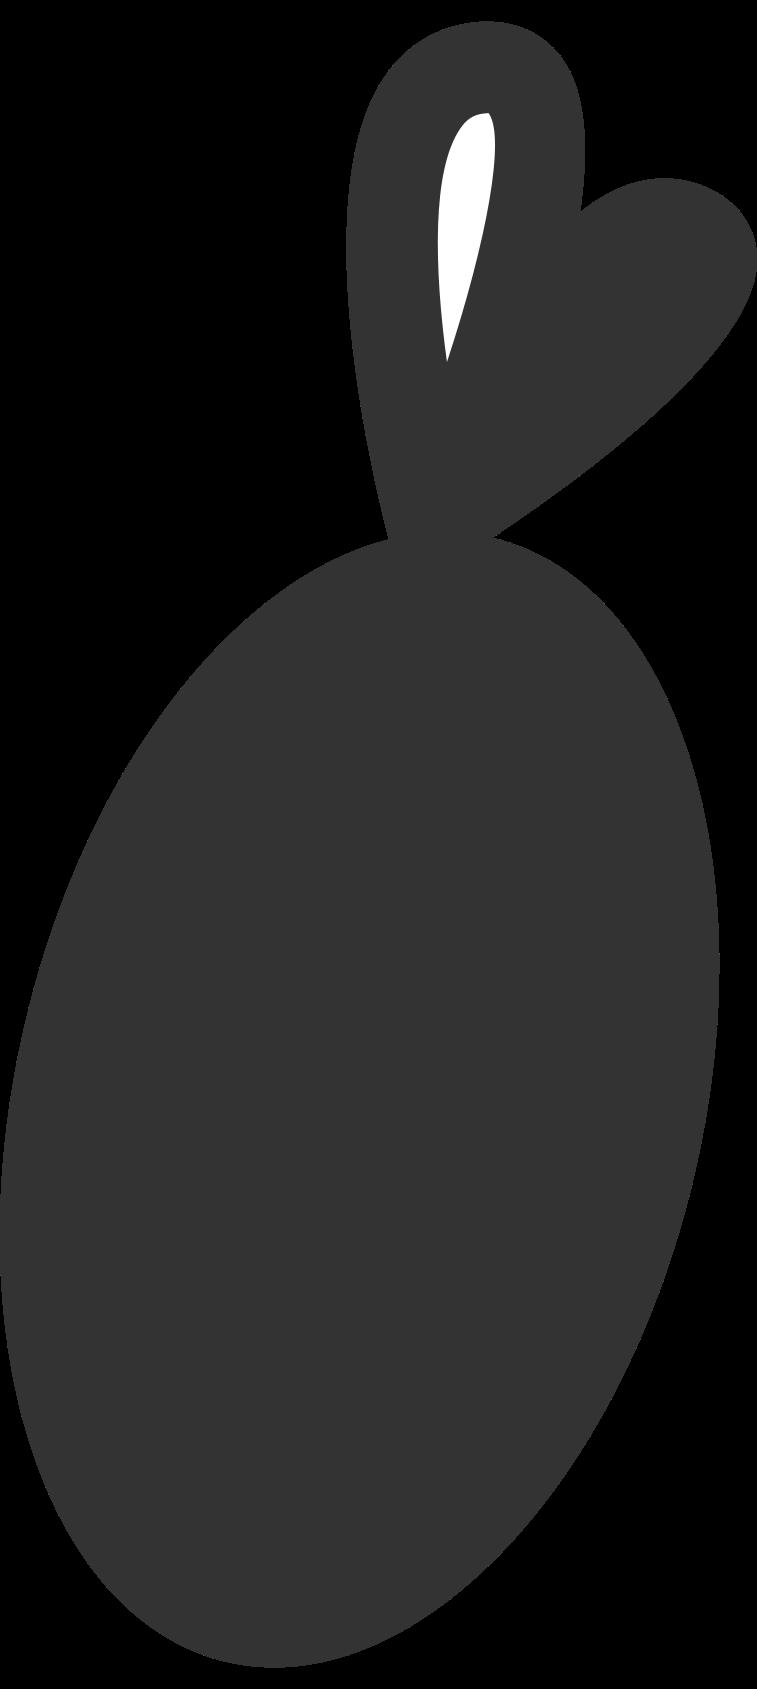 fruit Clipart illustration in PNG, SVG